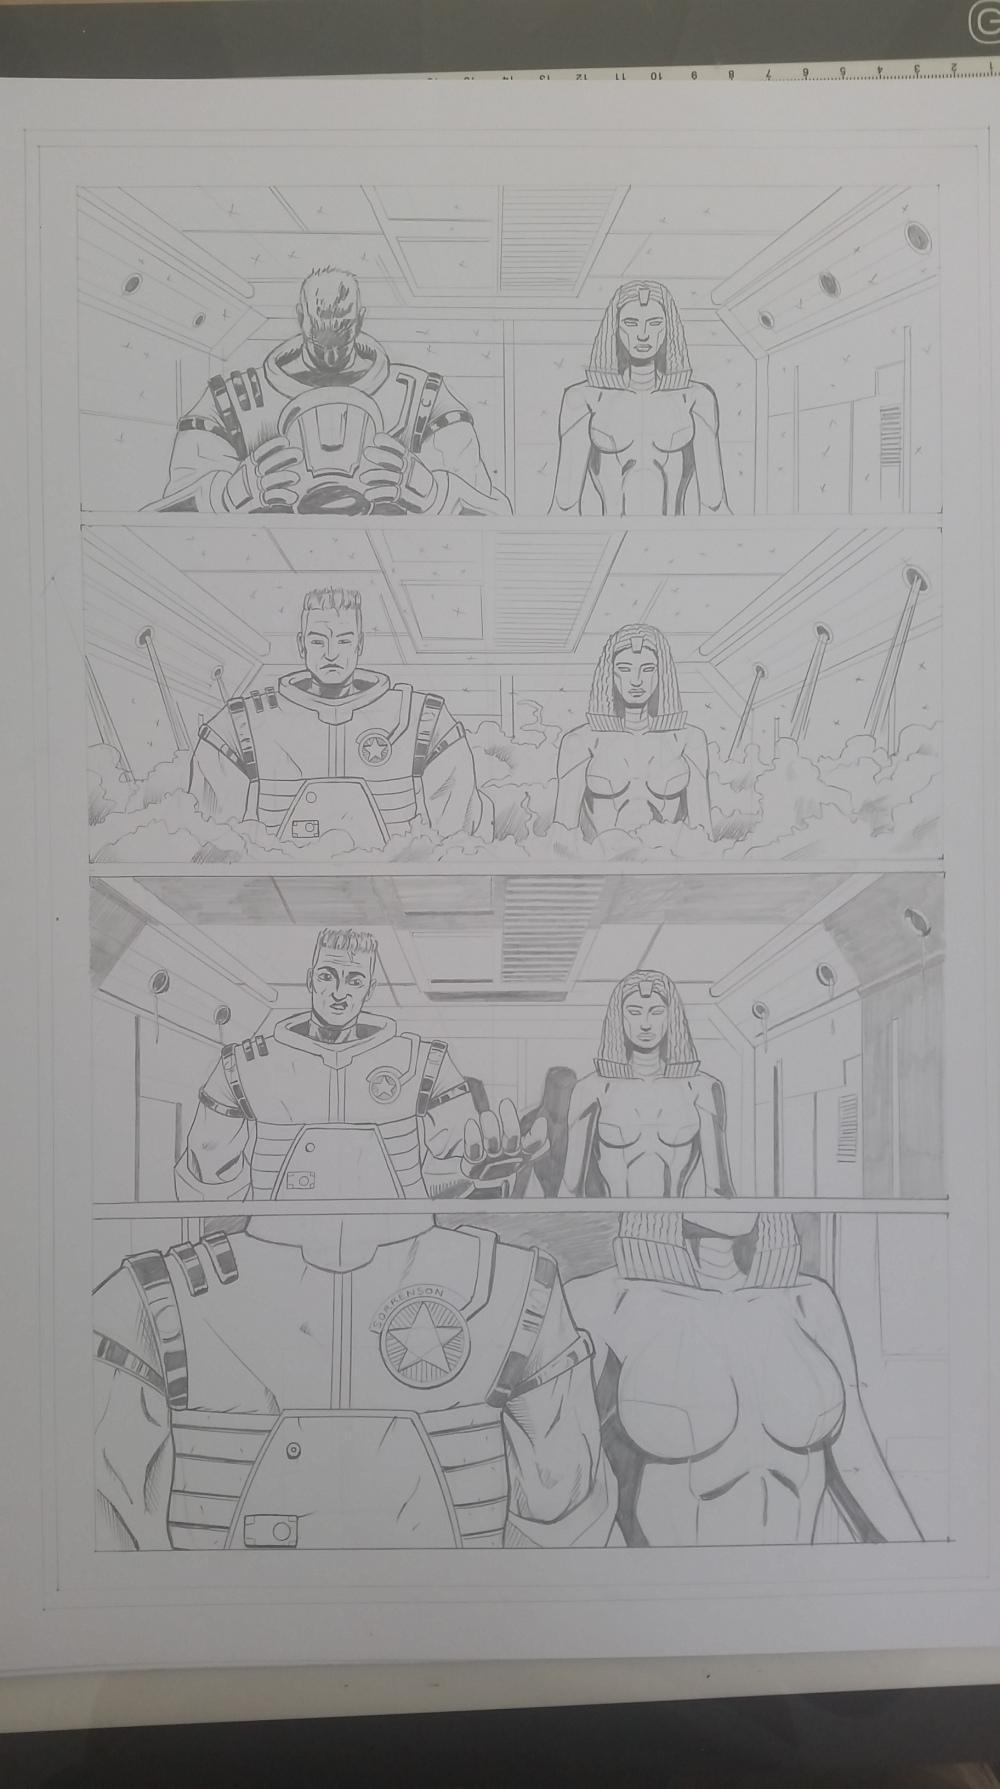 PENCILS PAGE 4